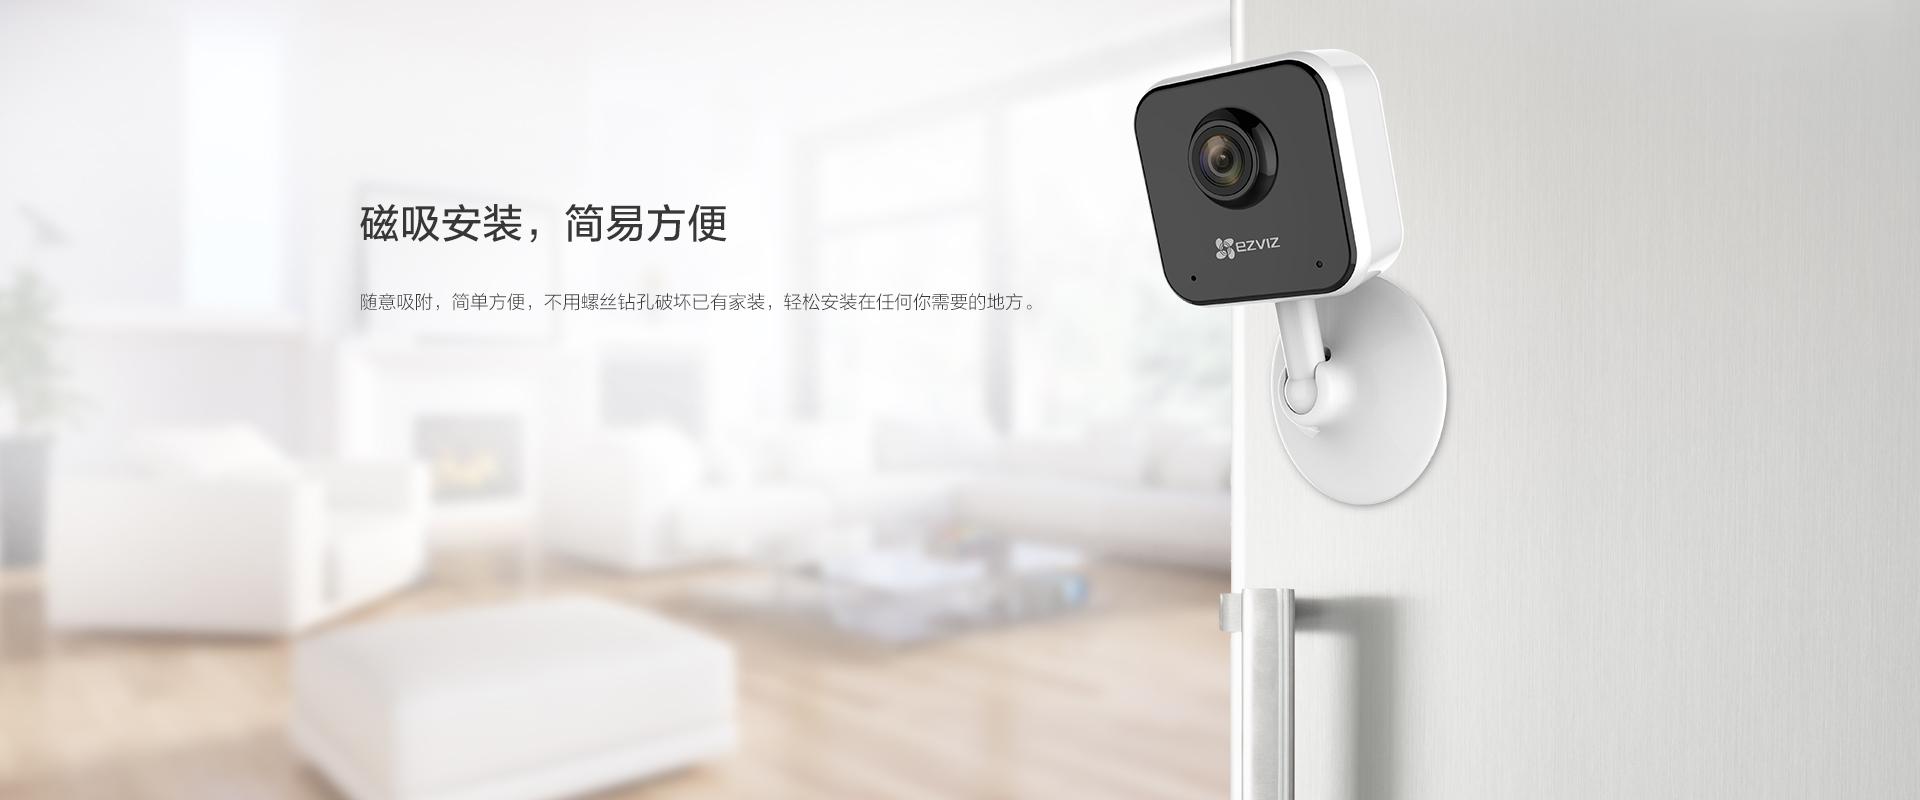 C1HC互联网摄像机-YS-C1HC-09